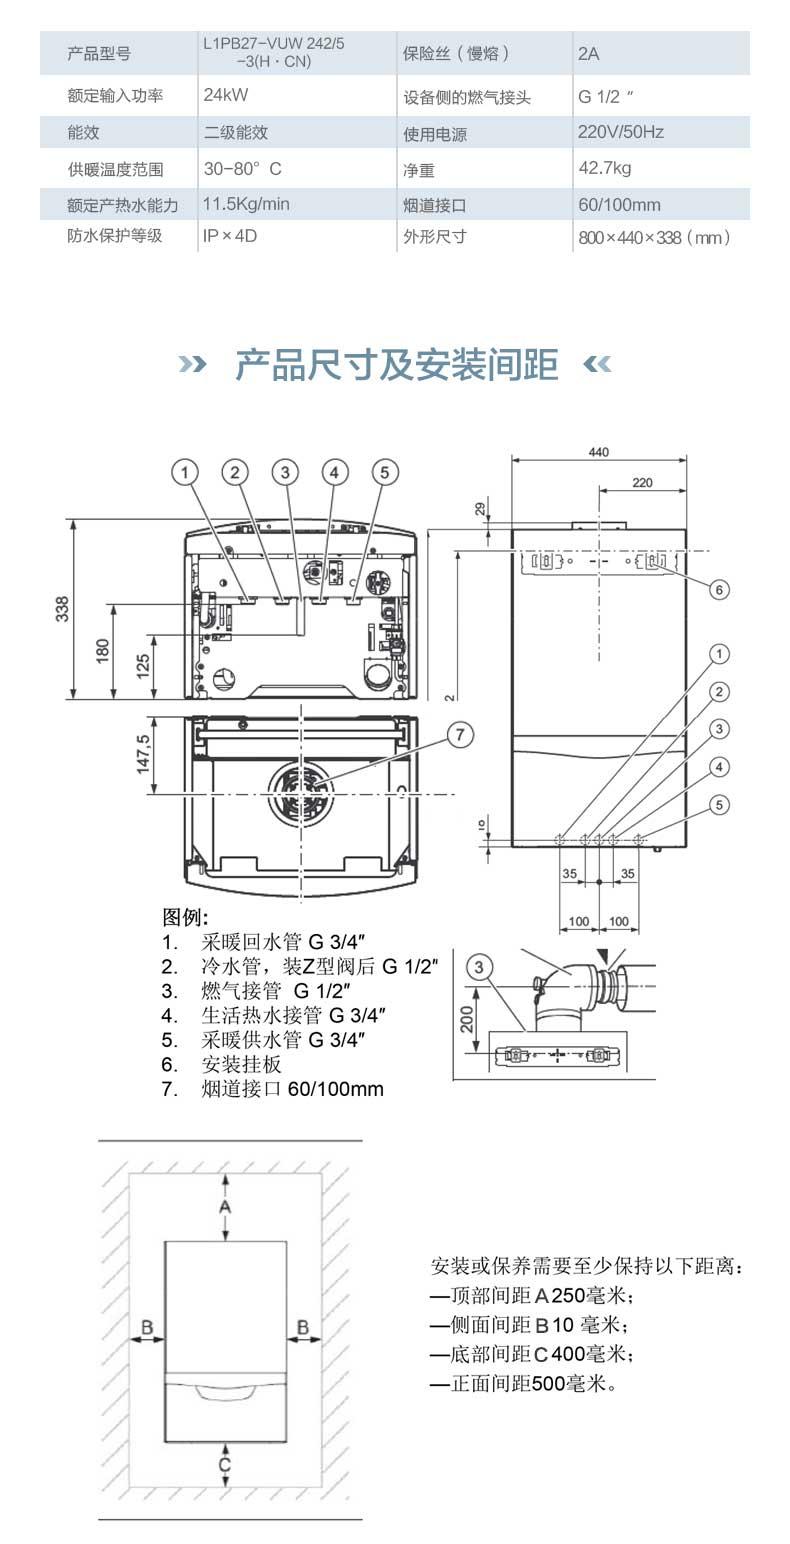 威能原装进口标准系列24kw采暖热水两用壁挂炉技术参数